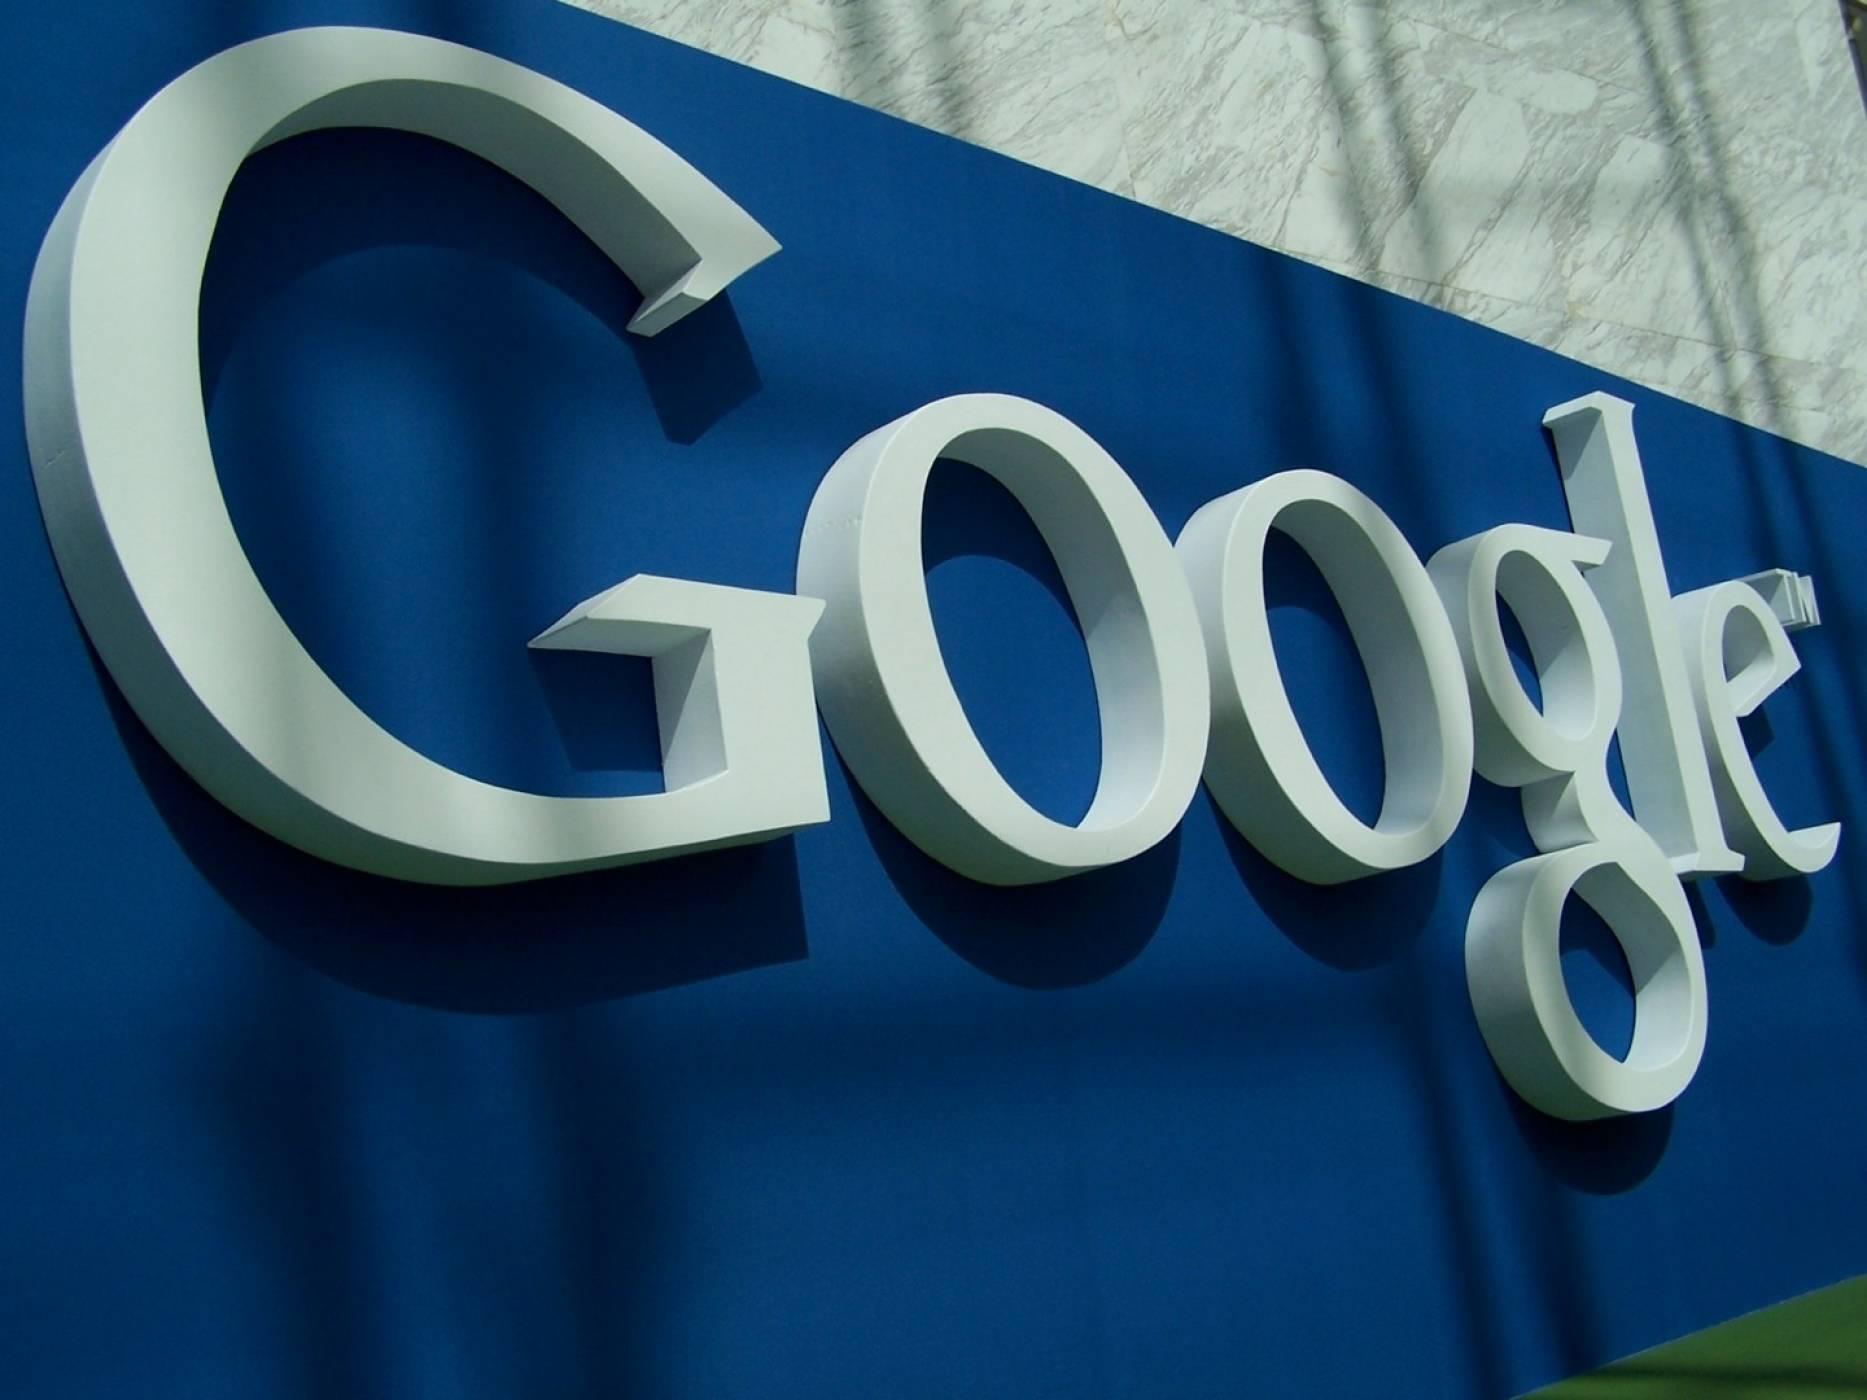 Компанията-майка на Google отчита рекордни приходи през второто тримесечие